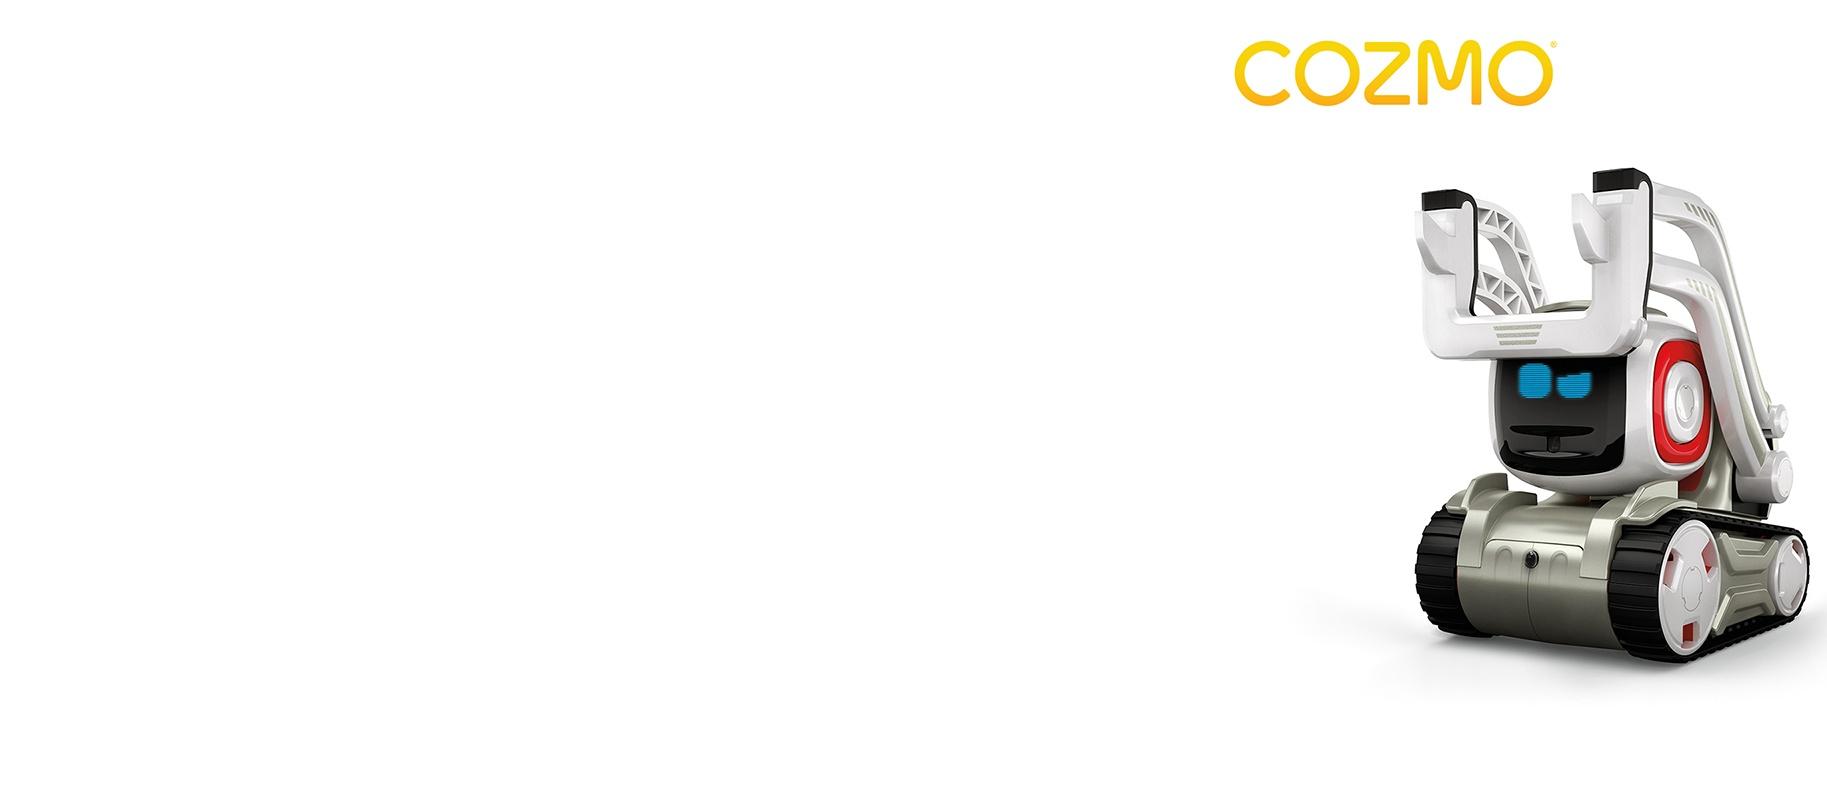 cozmo_lift-up-LP3.jpg